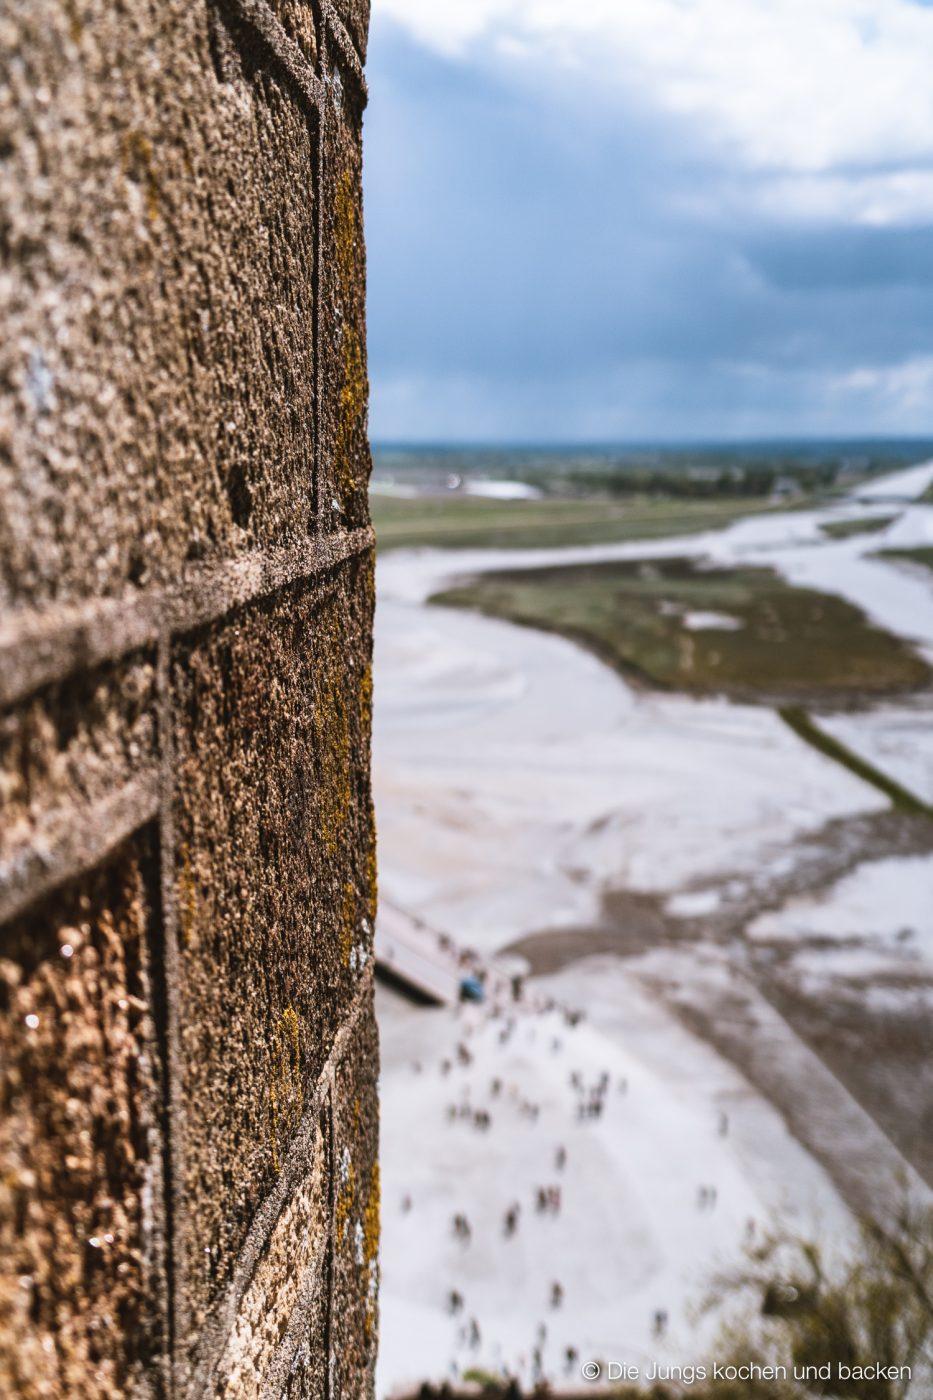 Wohnmobil Etrusco Bretagne 33 | Heute haben wir einen besonderen Reisebericht für euch, denn wir hatten eine absolute Premiere - Reisen mit einem Wohnmobil! 5 Tage lang waren wir unterwegs und unser Ziel war die wunderschöne Smaragdküste in der Bretagne. Hier haben wir es uns kulinarisch richtig gut gehen lassen, tolle Eindrücke gesammelt und vor allem unser schickes Gefährt  von Etrusco ausgiebig testen können. So viel sei verraten ... wir sind extrem angetan von einem Urlaub mit dem Wohnmobil und planen schon die nächste Wohnmobil-Tour.